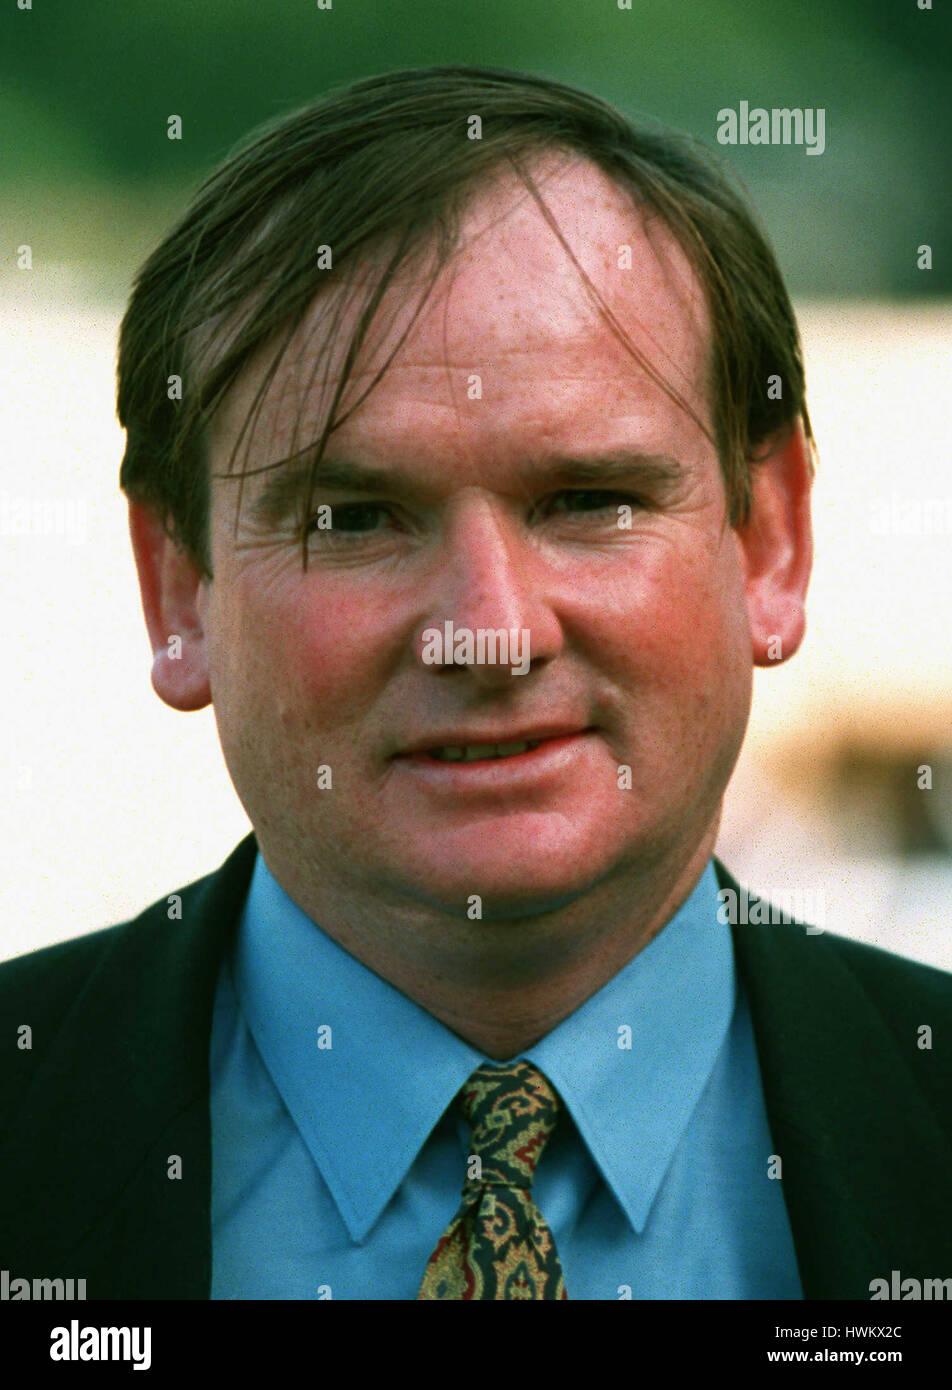 JOHN WHITE RACE HORSE TRAINER 23 September 1994 - Stock Image